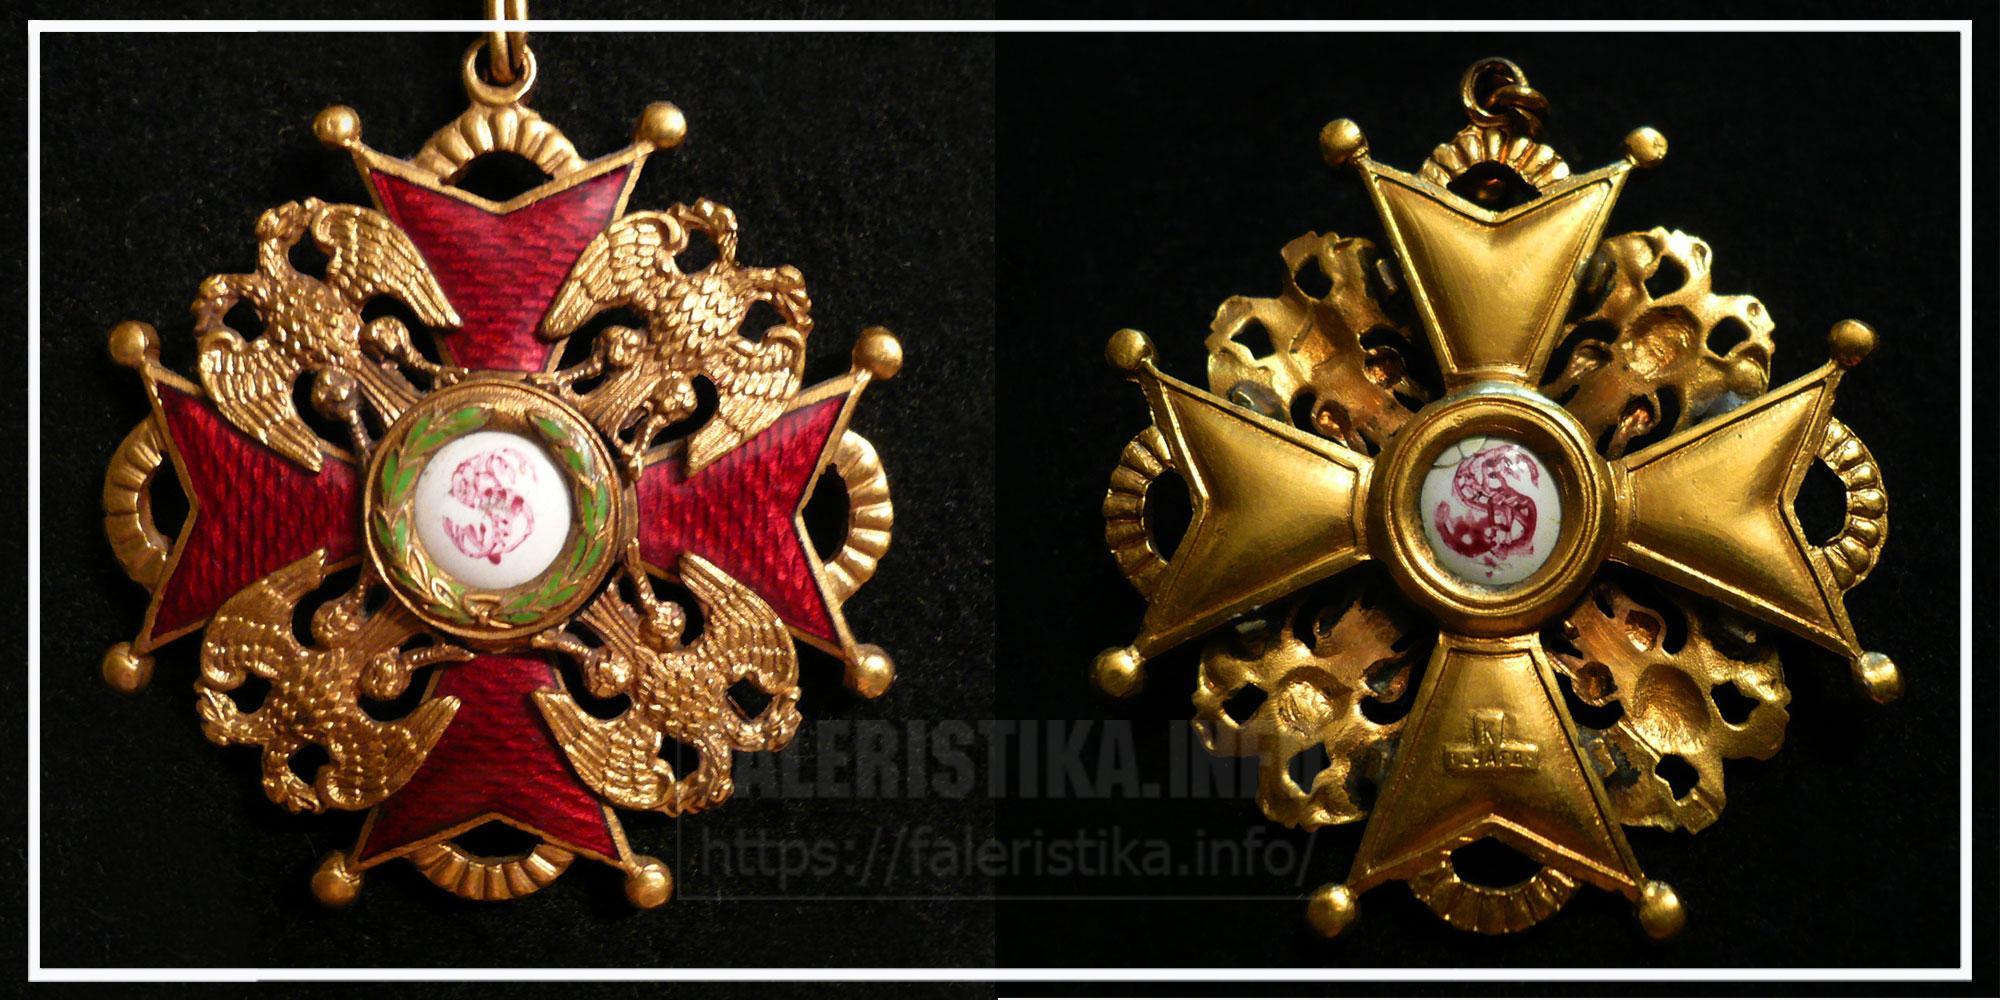 Орден Святого Станислава без мечей Временное Правительство